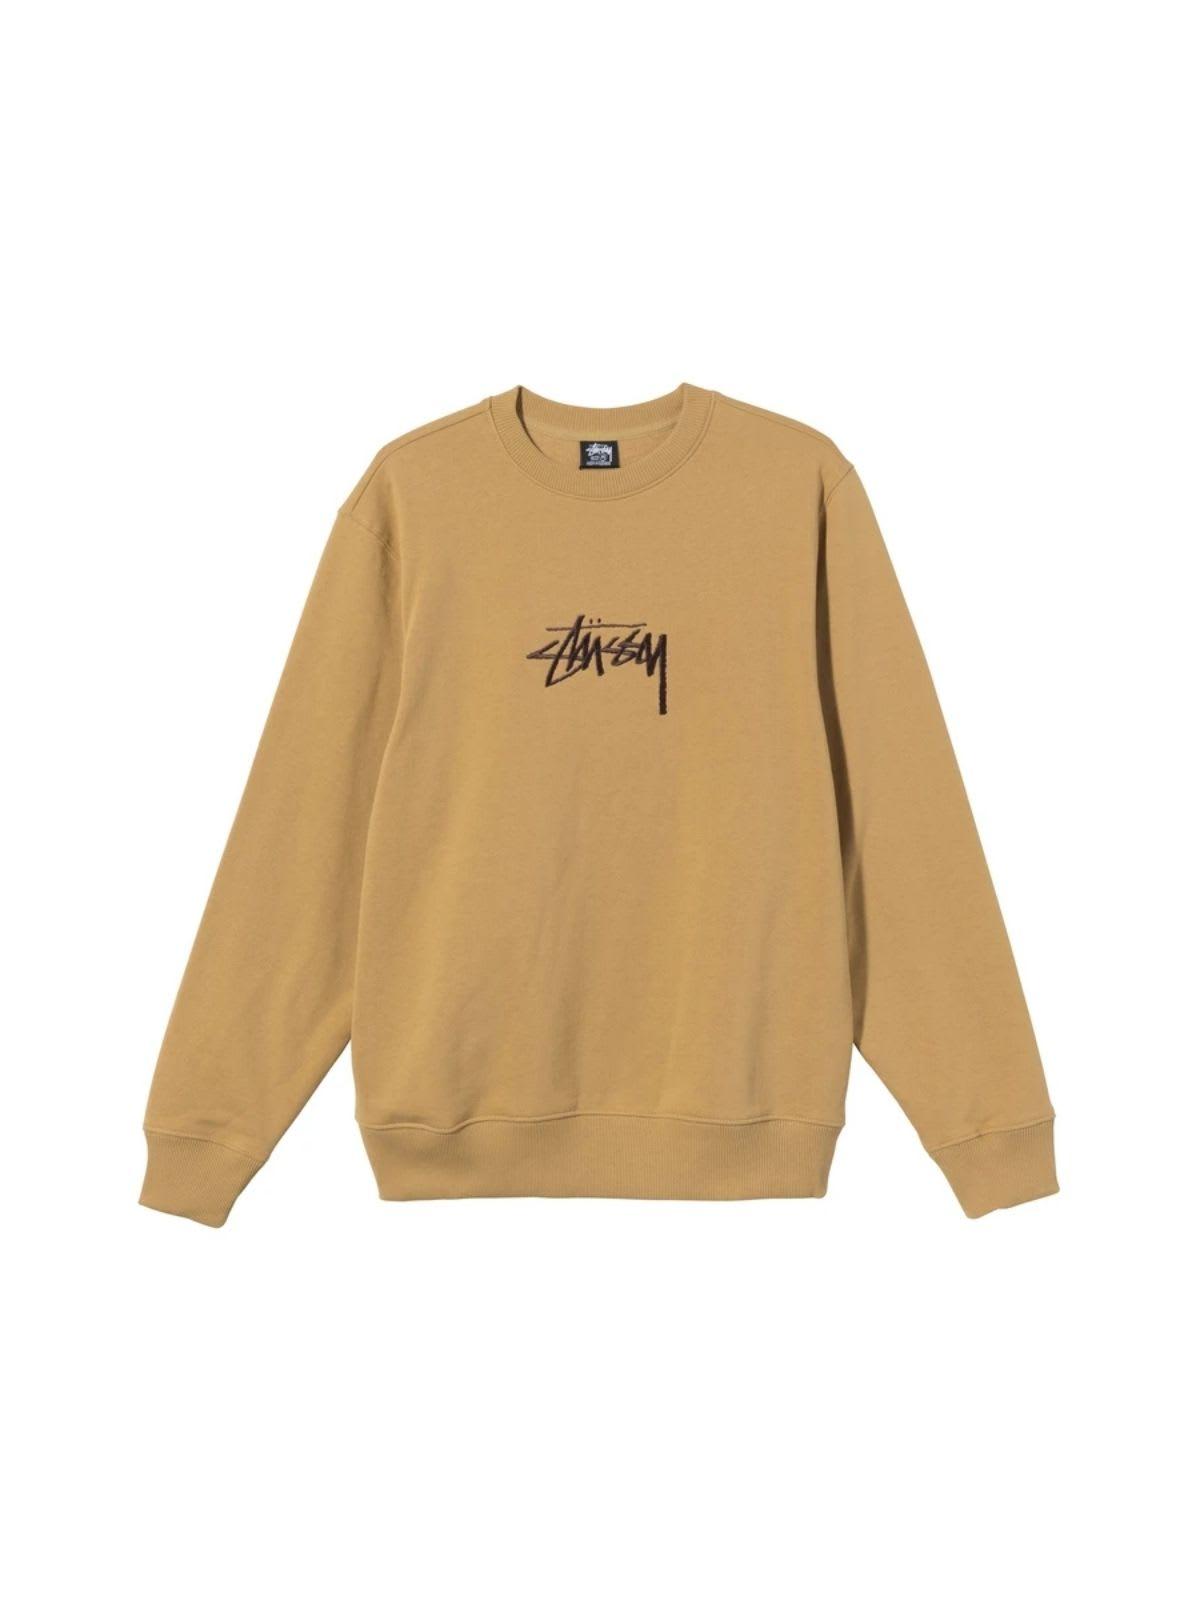 Stussy Sweaters STOCK APP CREW NECK SWEATSHIRT